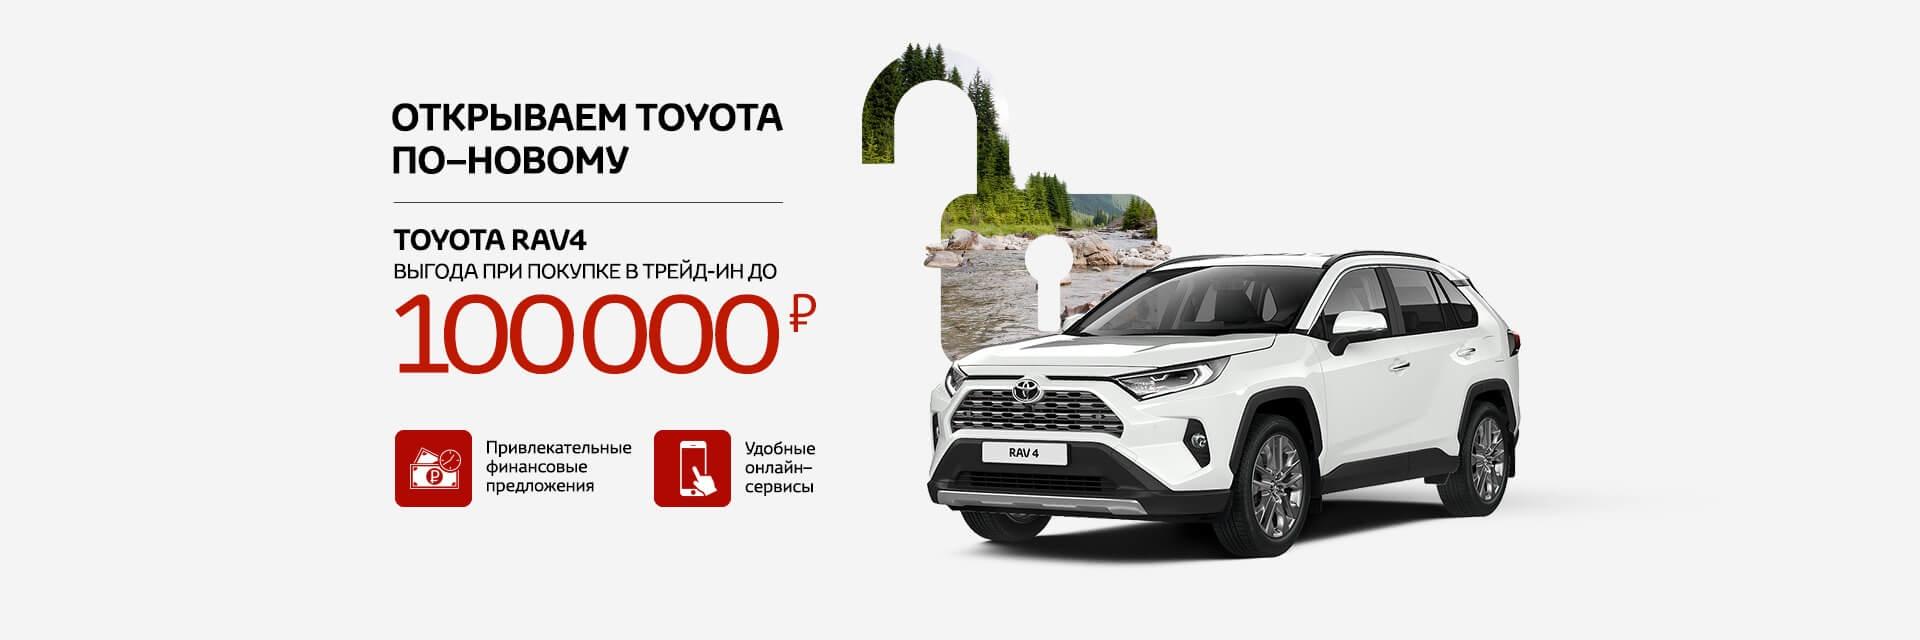 Автосалоны акции в москве новые автомобили цены от официального дилера залог авто в казани без птс